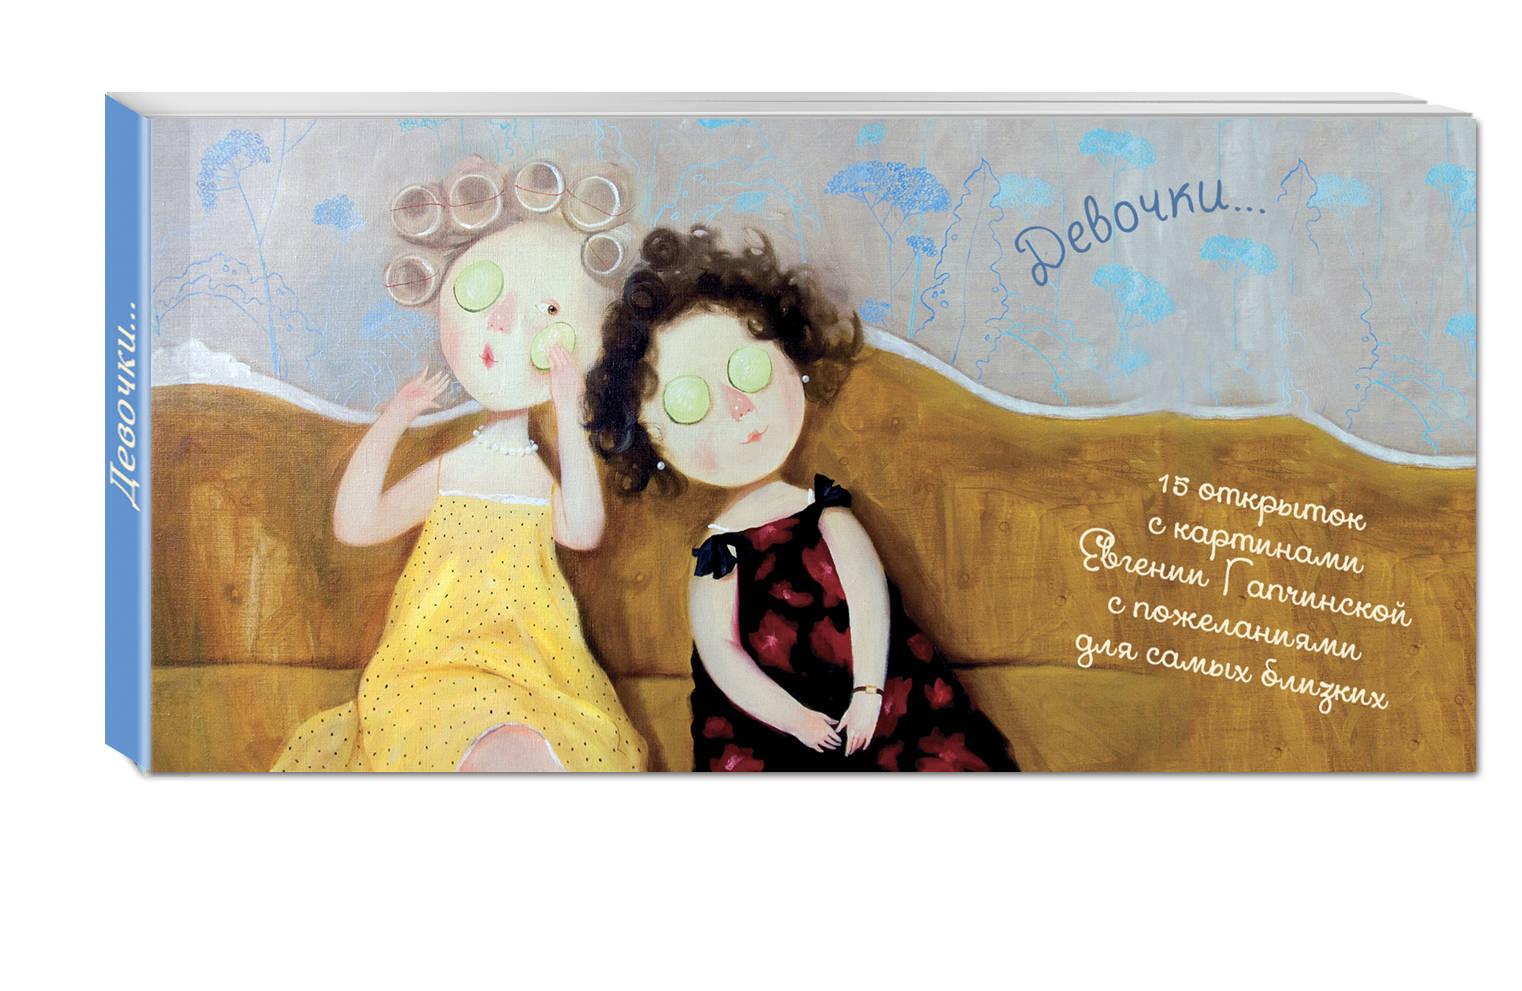 Гапчинская Е. 15 открыток на перфорации с картинами Евгении Гапчинской (Девочки...) копии картин гапчинской киев